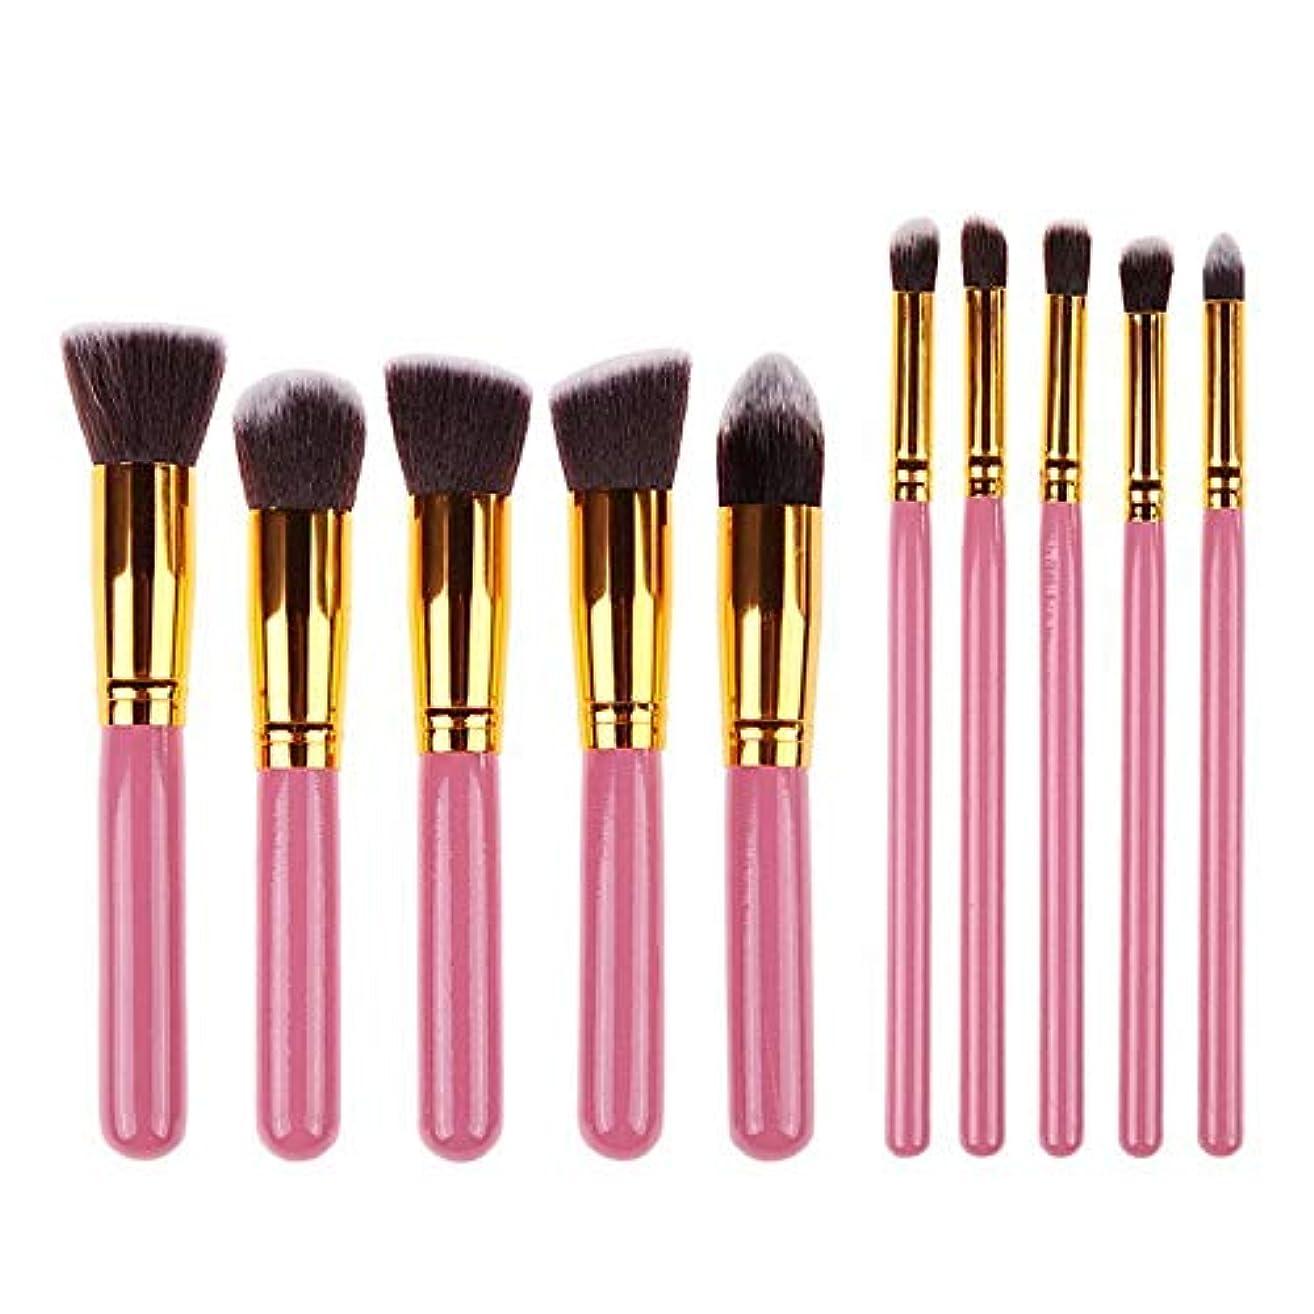 セージ原子炉キウイMakeup brushes 10ピースピンクメイクアップブラシセット革新的な簡単パウダーパウダーアイシャドウブラシ輪郭ブラシ suits (Color : Pink Gold)